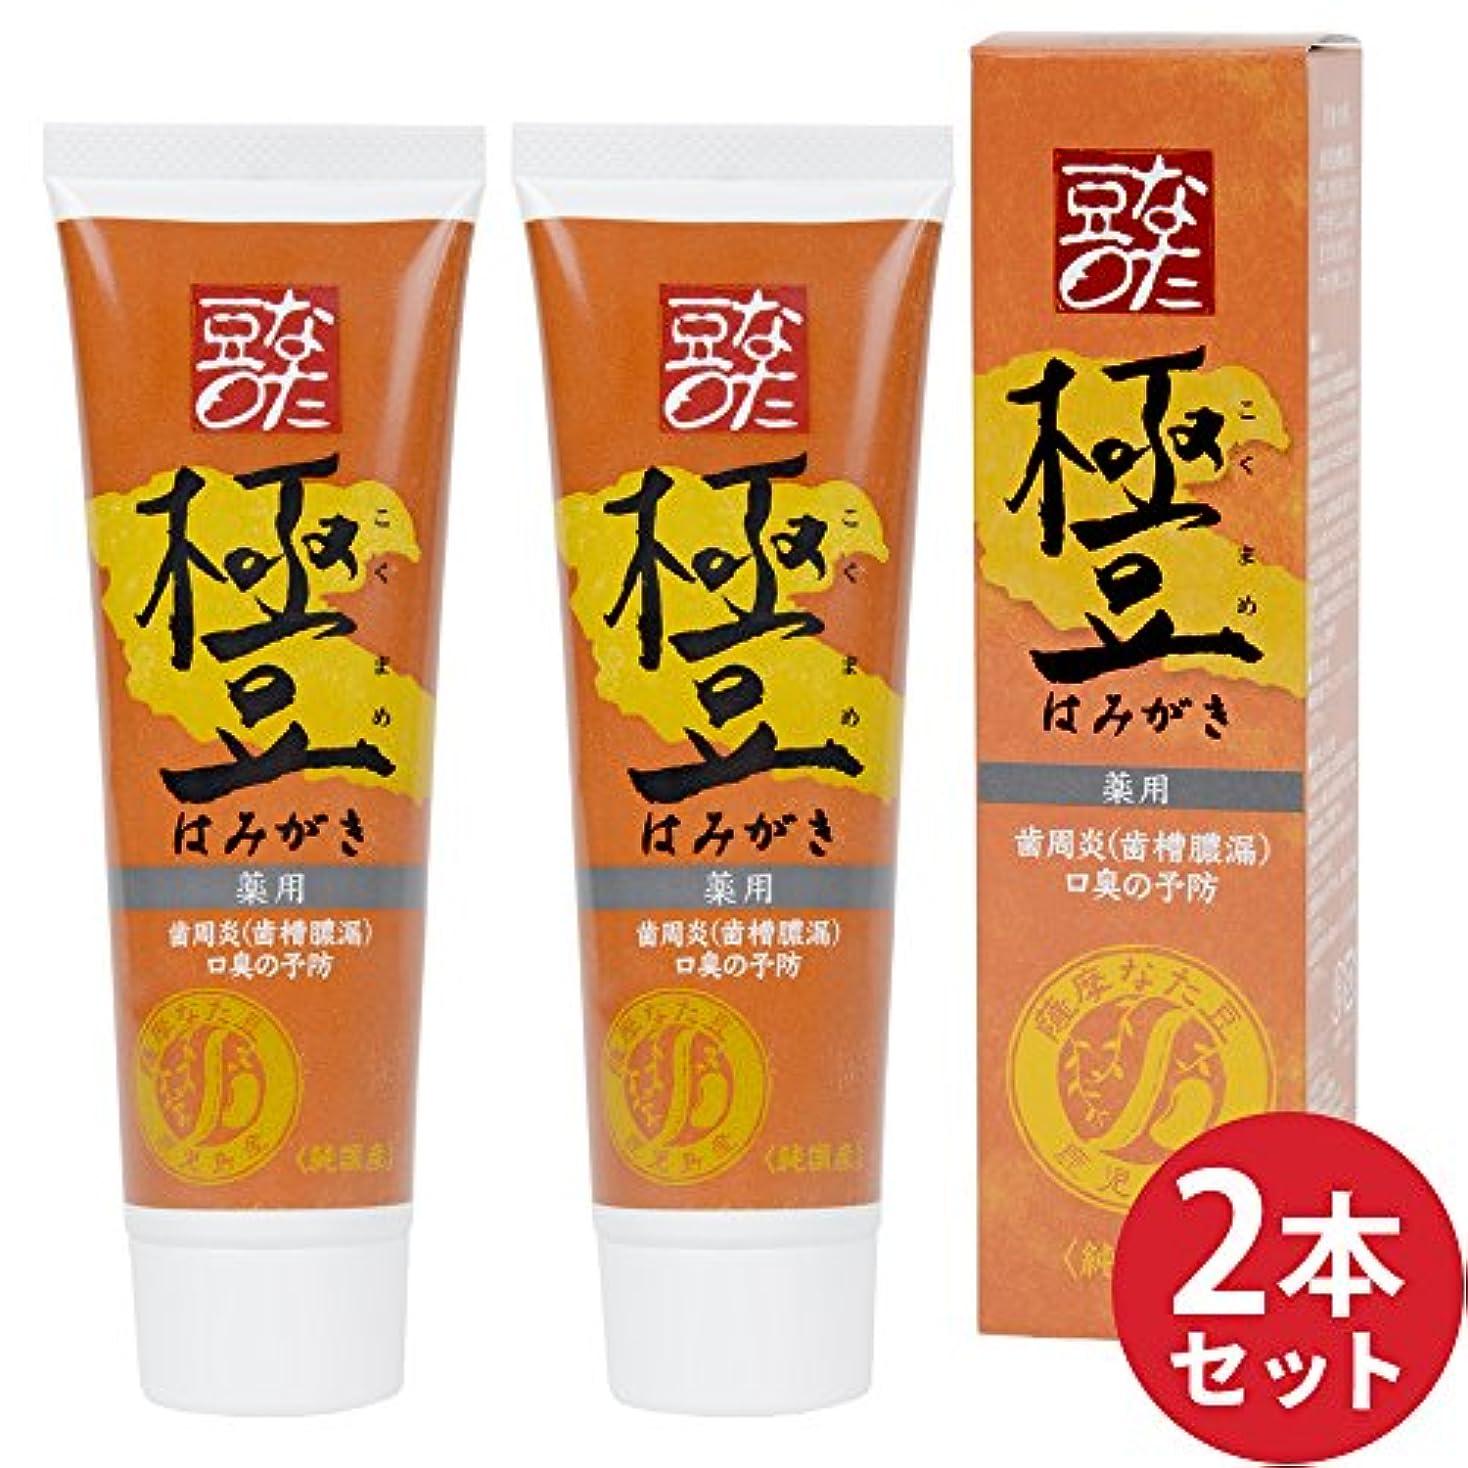 浮く独立して製油所2本セット【薬用】薩摩なた豆歯磨き(内容量:110g×2)